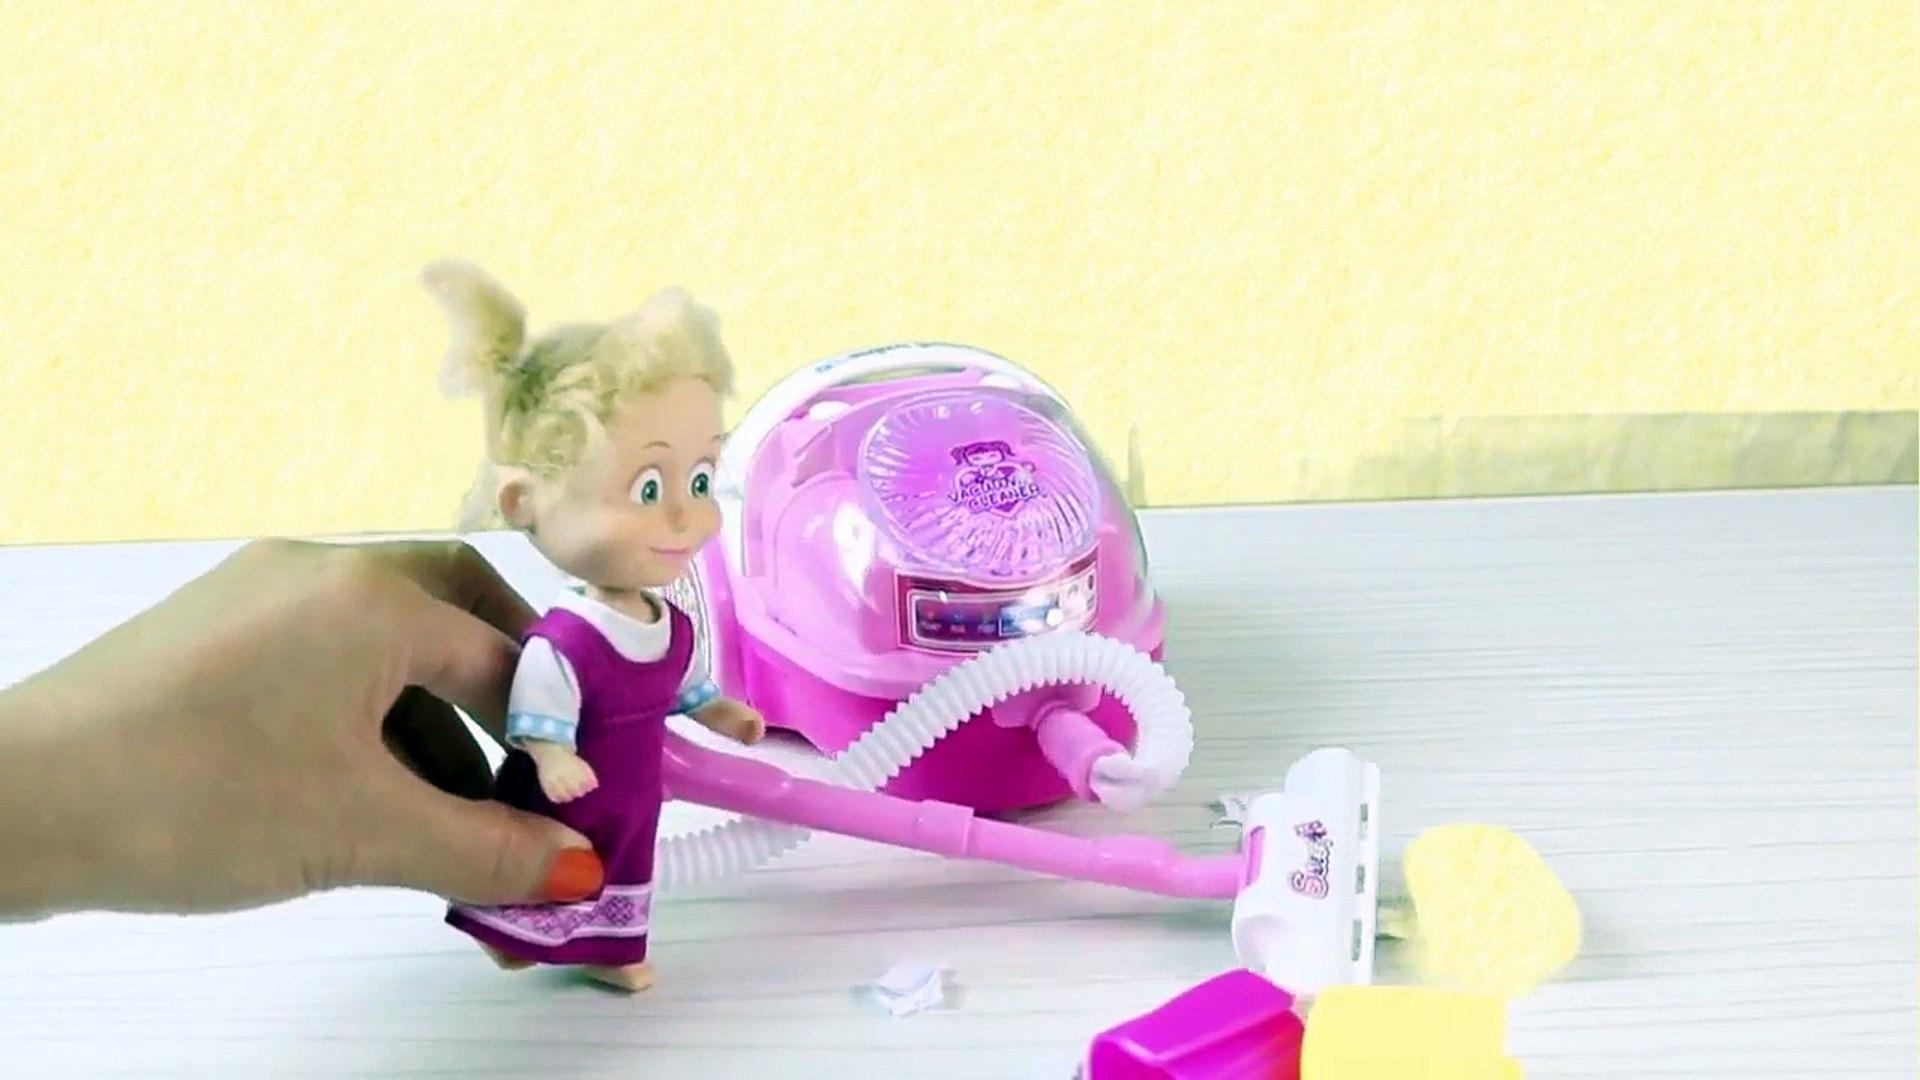 Maşa Koca Ayı Evde Oyun Oynuyorlar Maşa Evleri Dağıtıyor Koca Ayı Çizgi Film  #ABS,Çizgi film izle 2